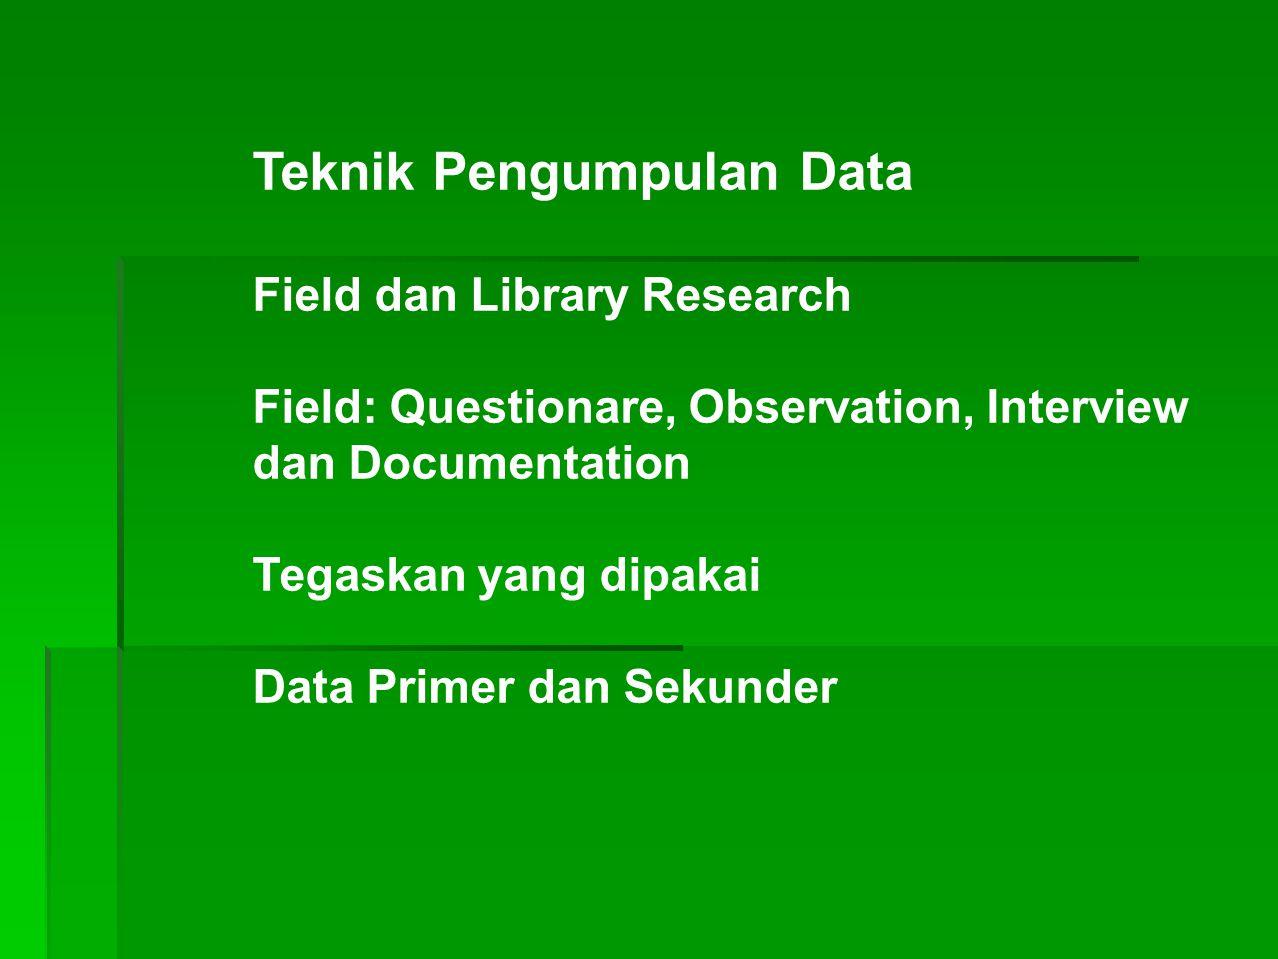 Teknik Pengumpulan Data Field dan Library Research Field: Questionare, Observation, Interview dan Documentation Tegaskan yang dipakai Data Primer dan Sekunder